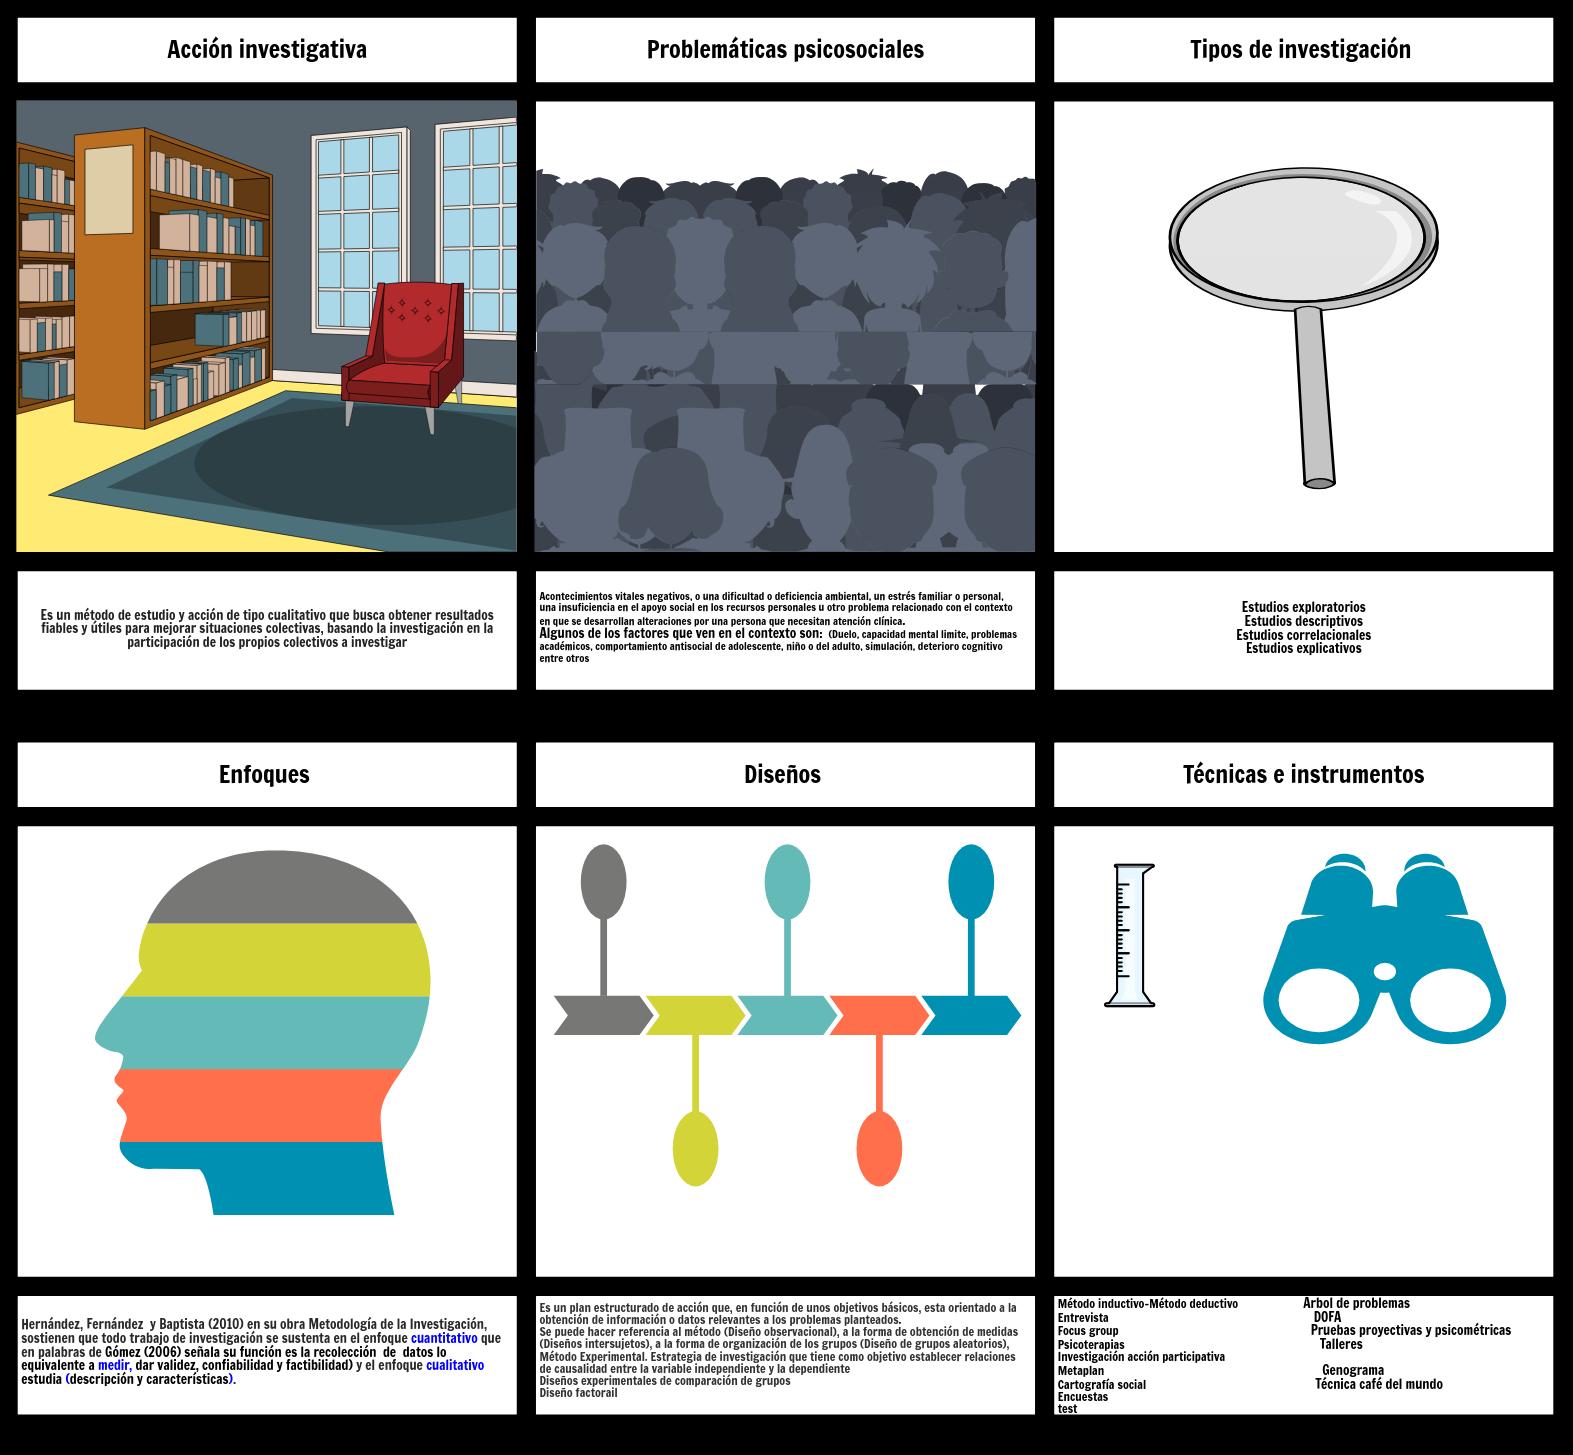 Bases metodológicas para la compresión de realidades sociales